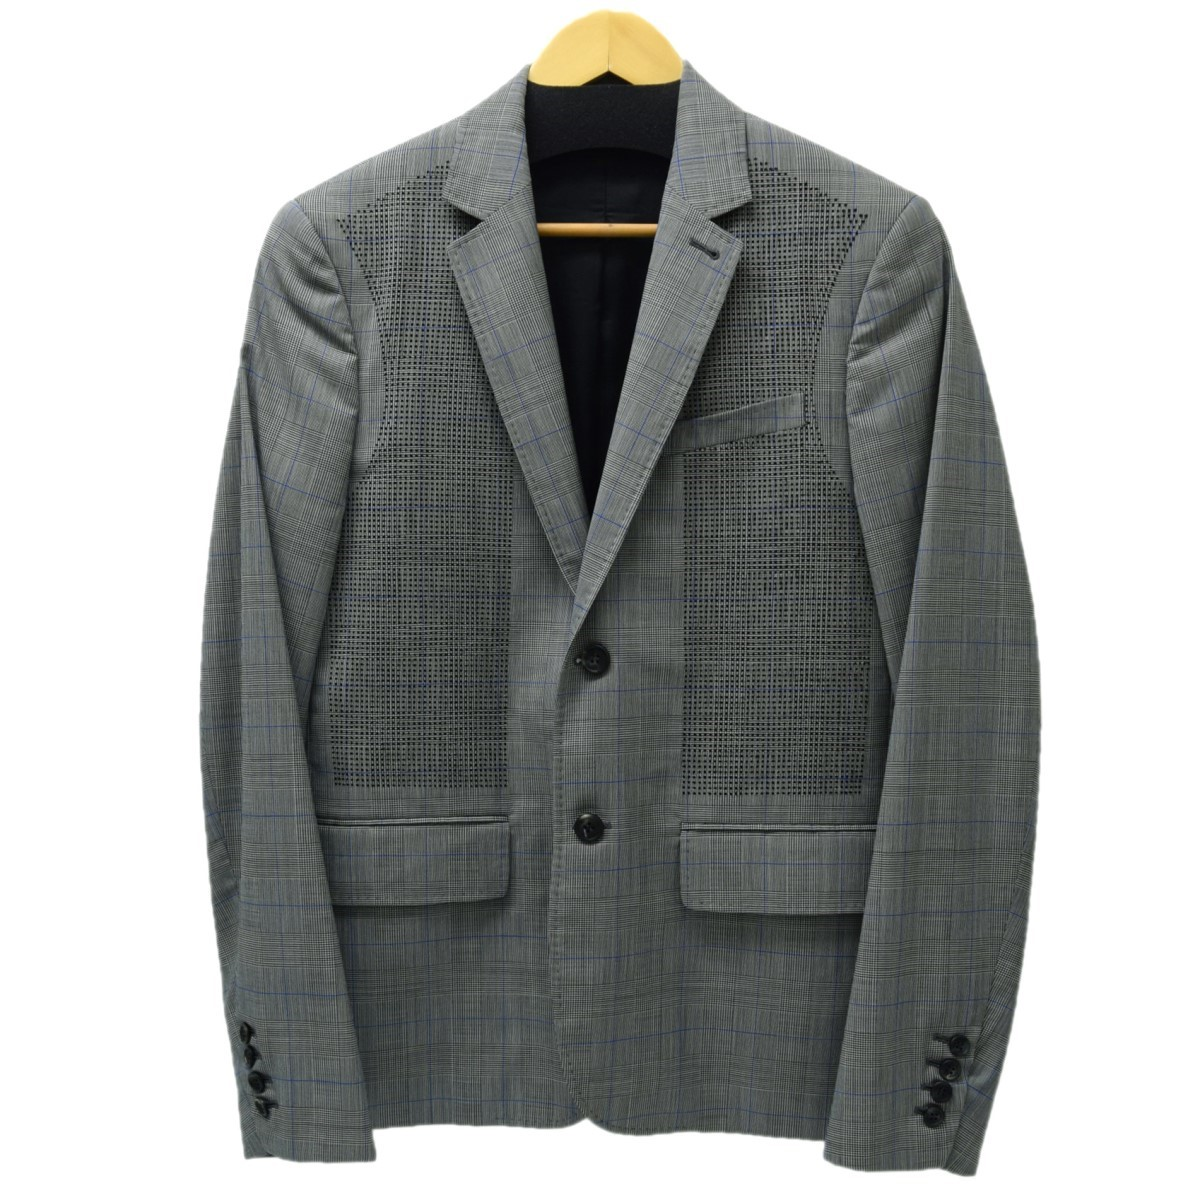 【中古】OAMC グレンチェックジャケット 2016SS ブラックxホワイト サイズ:46 【010420】(オーエーエムシー)